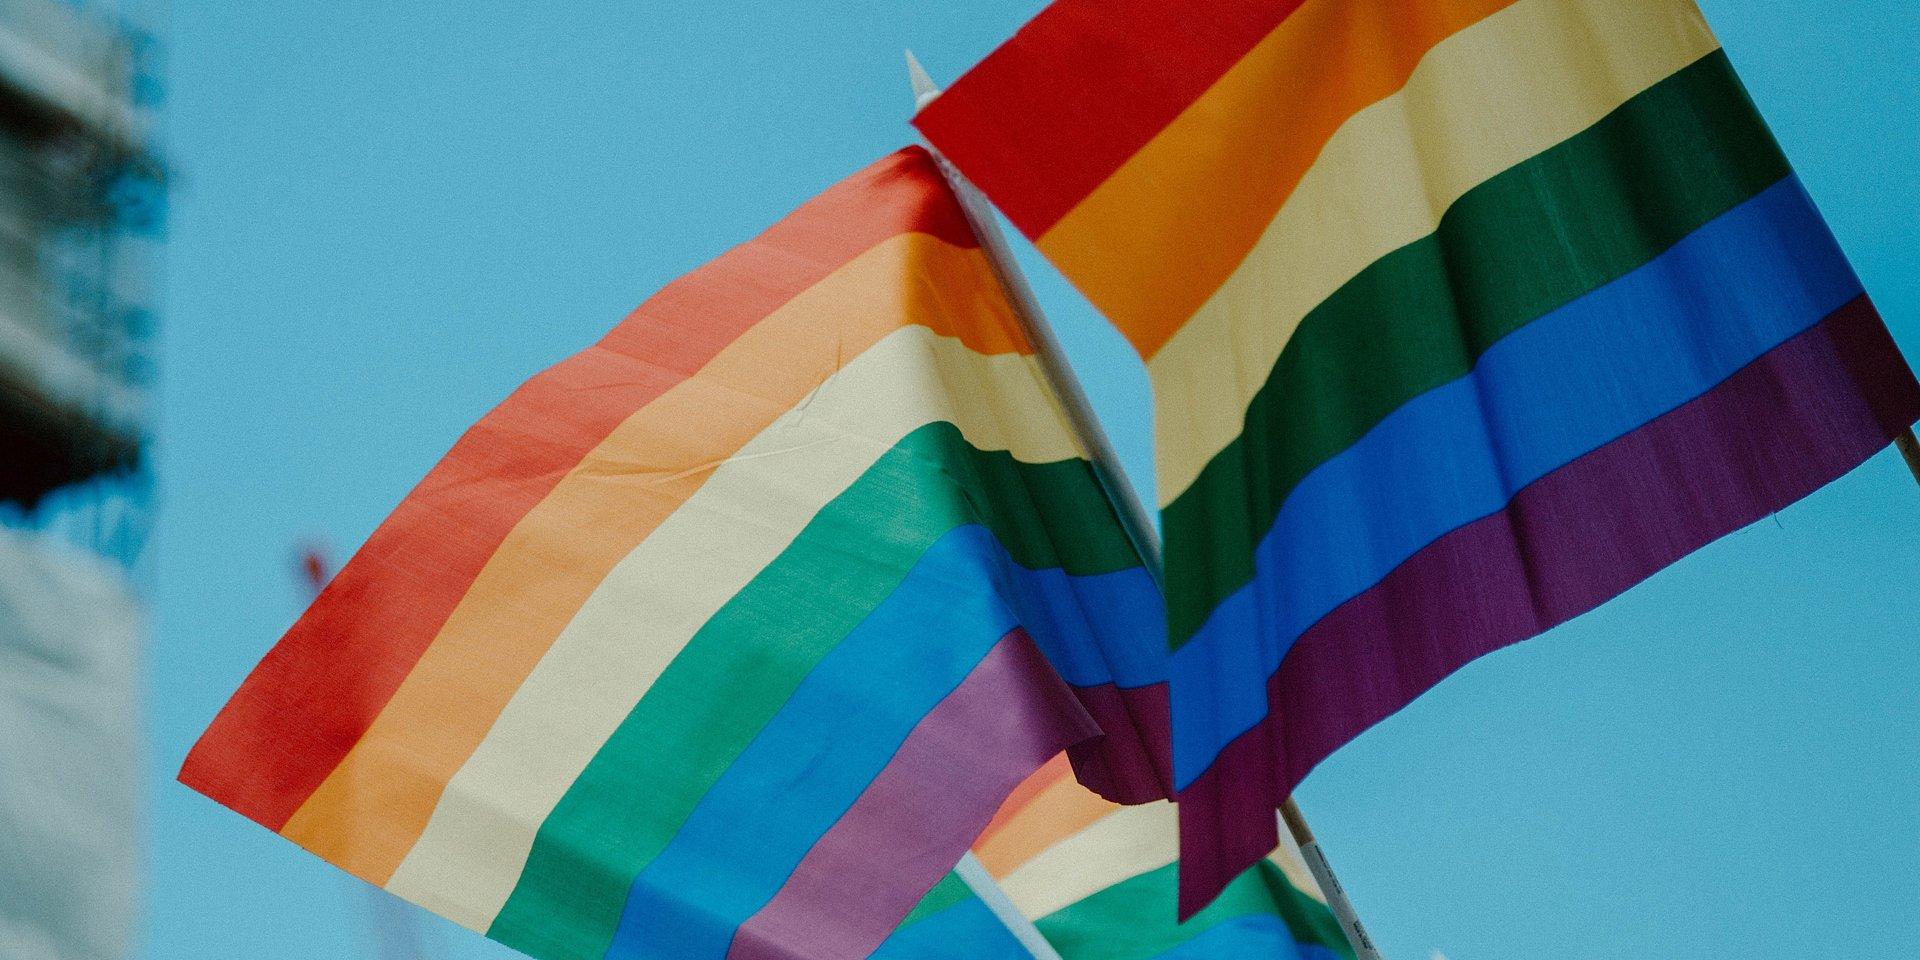 Miesiąc Dumy LGBT+ bez wsparcia przez polskie marki